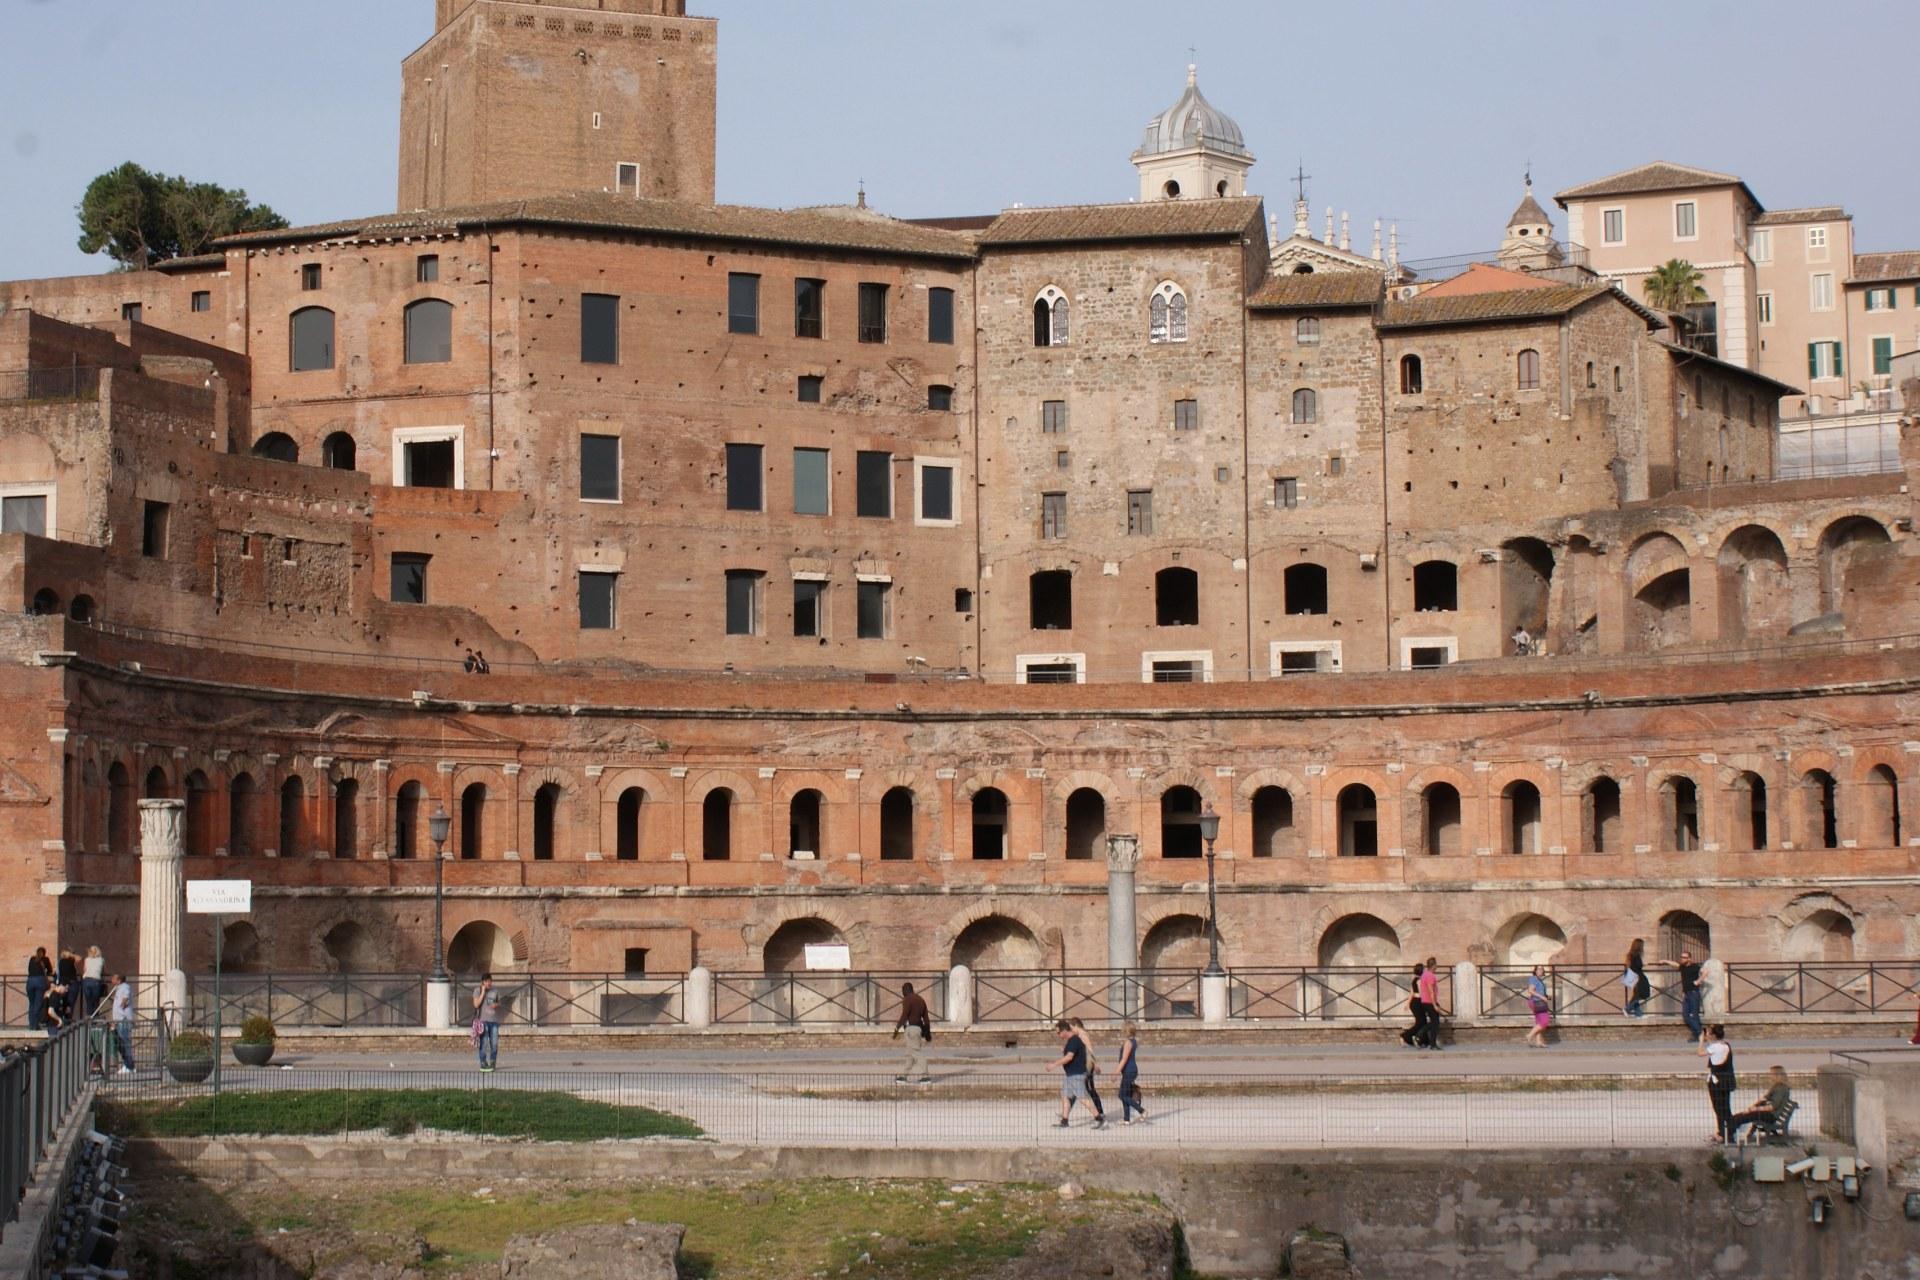 Images - Stald - Rome Printemps 2016 - 04:05 - 50